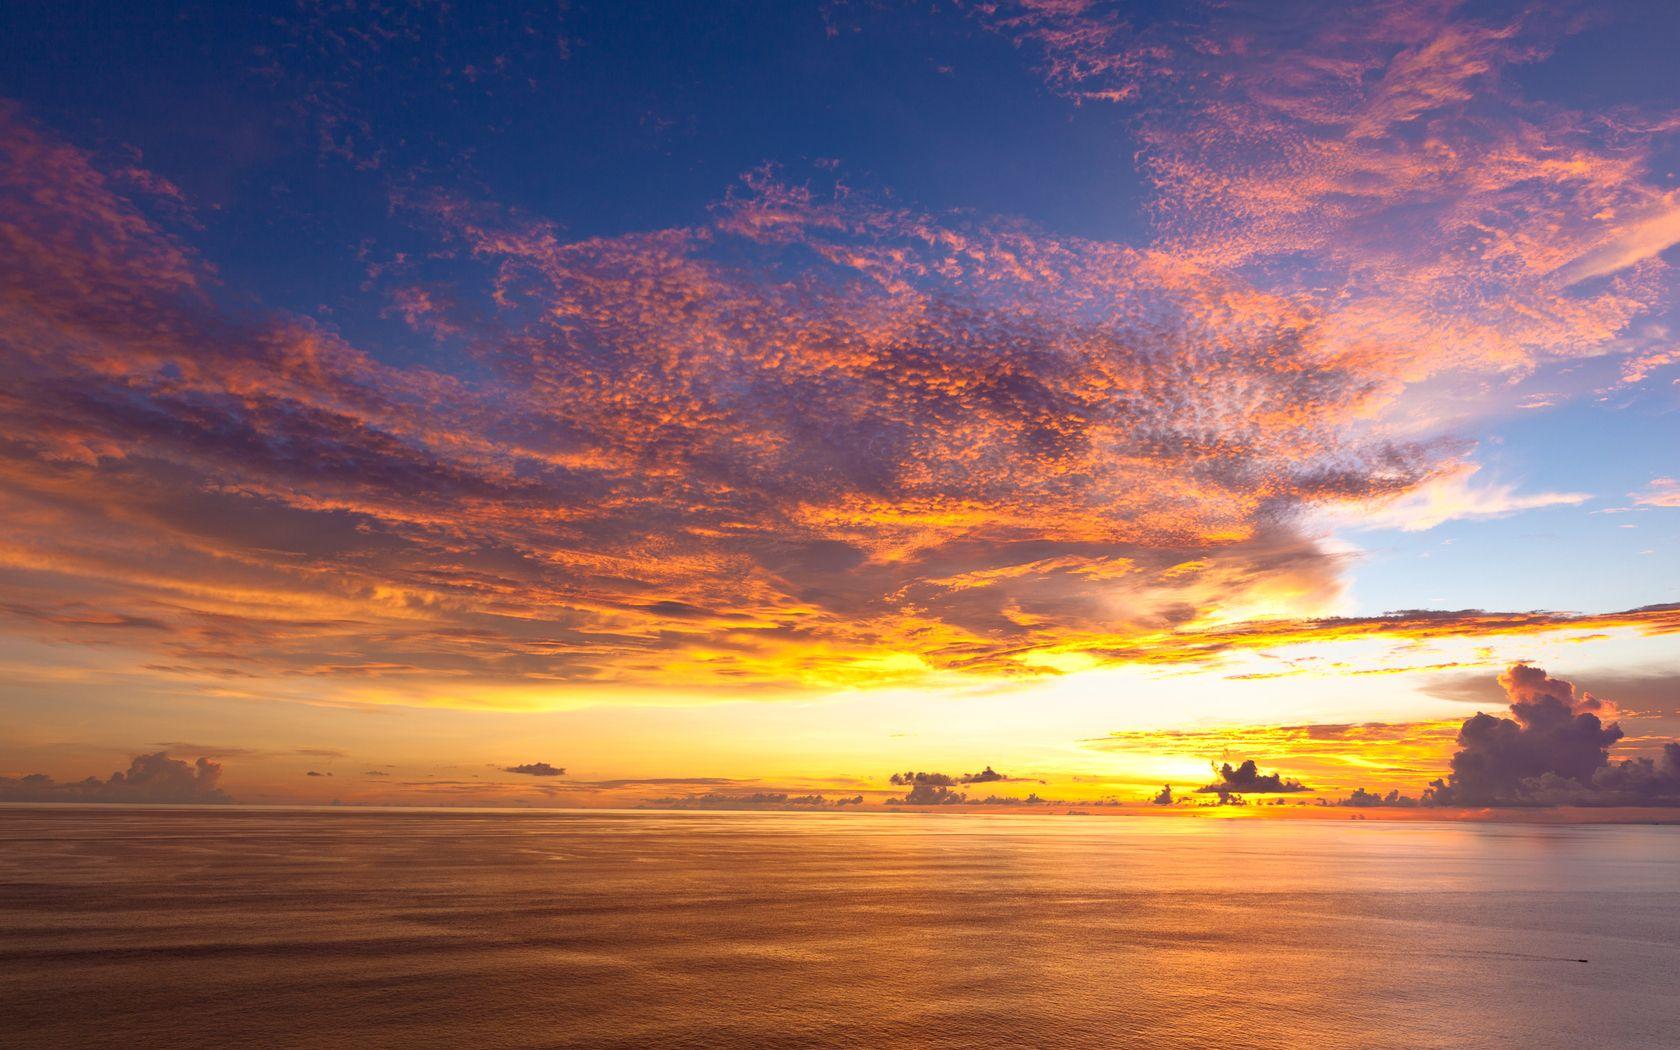 horizontal Bali sunset, Sunset wallpaper, Bali island